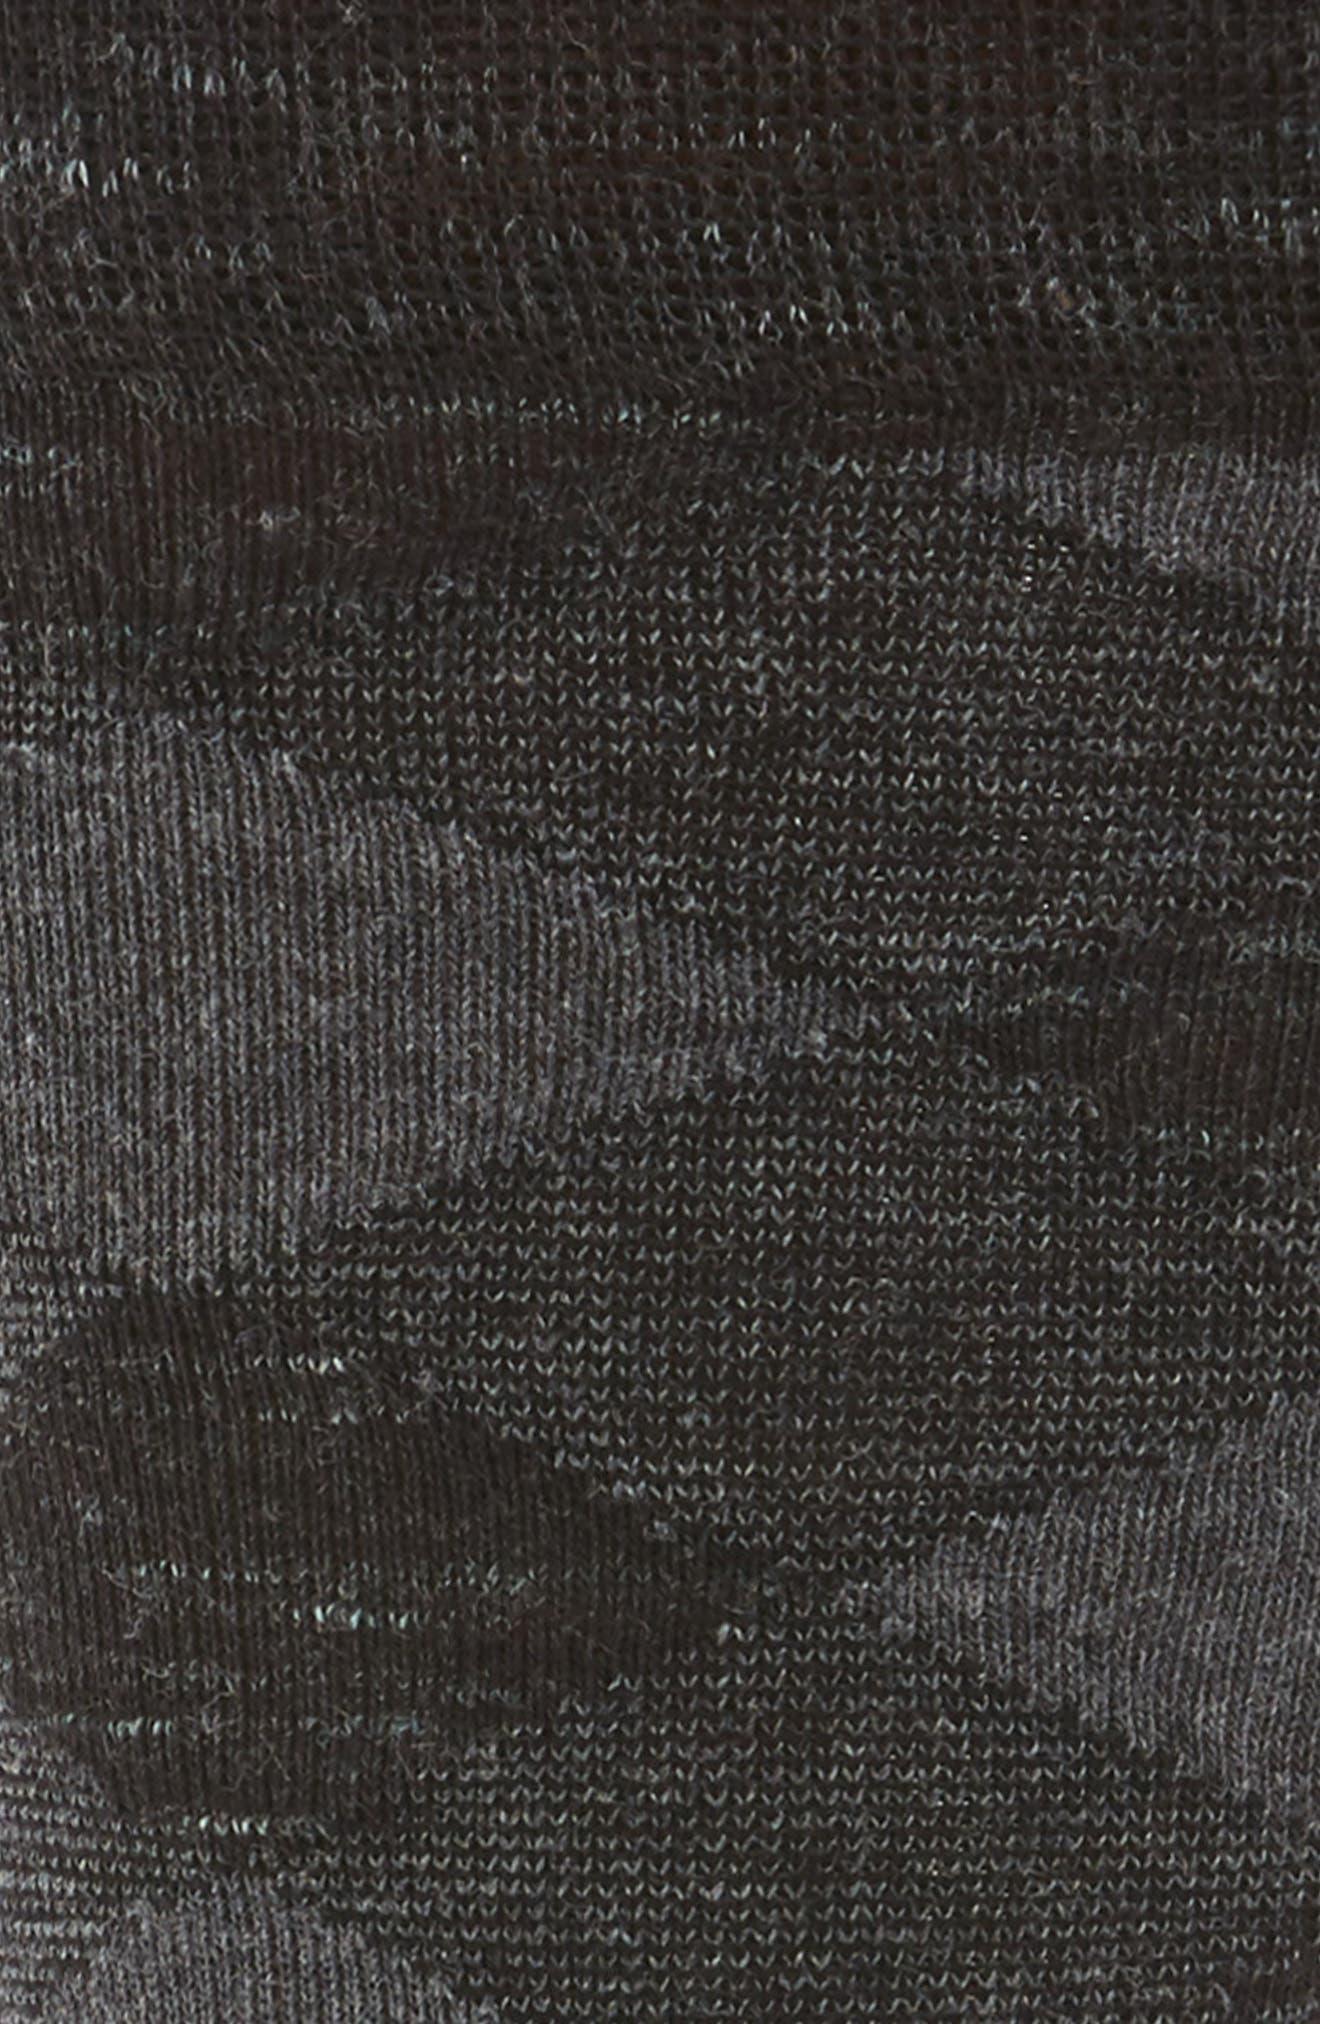 Twist Plaid Socks,                             Alternate thumbnail 2, color,                             BLACK